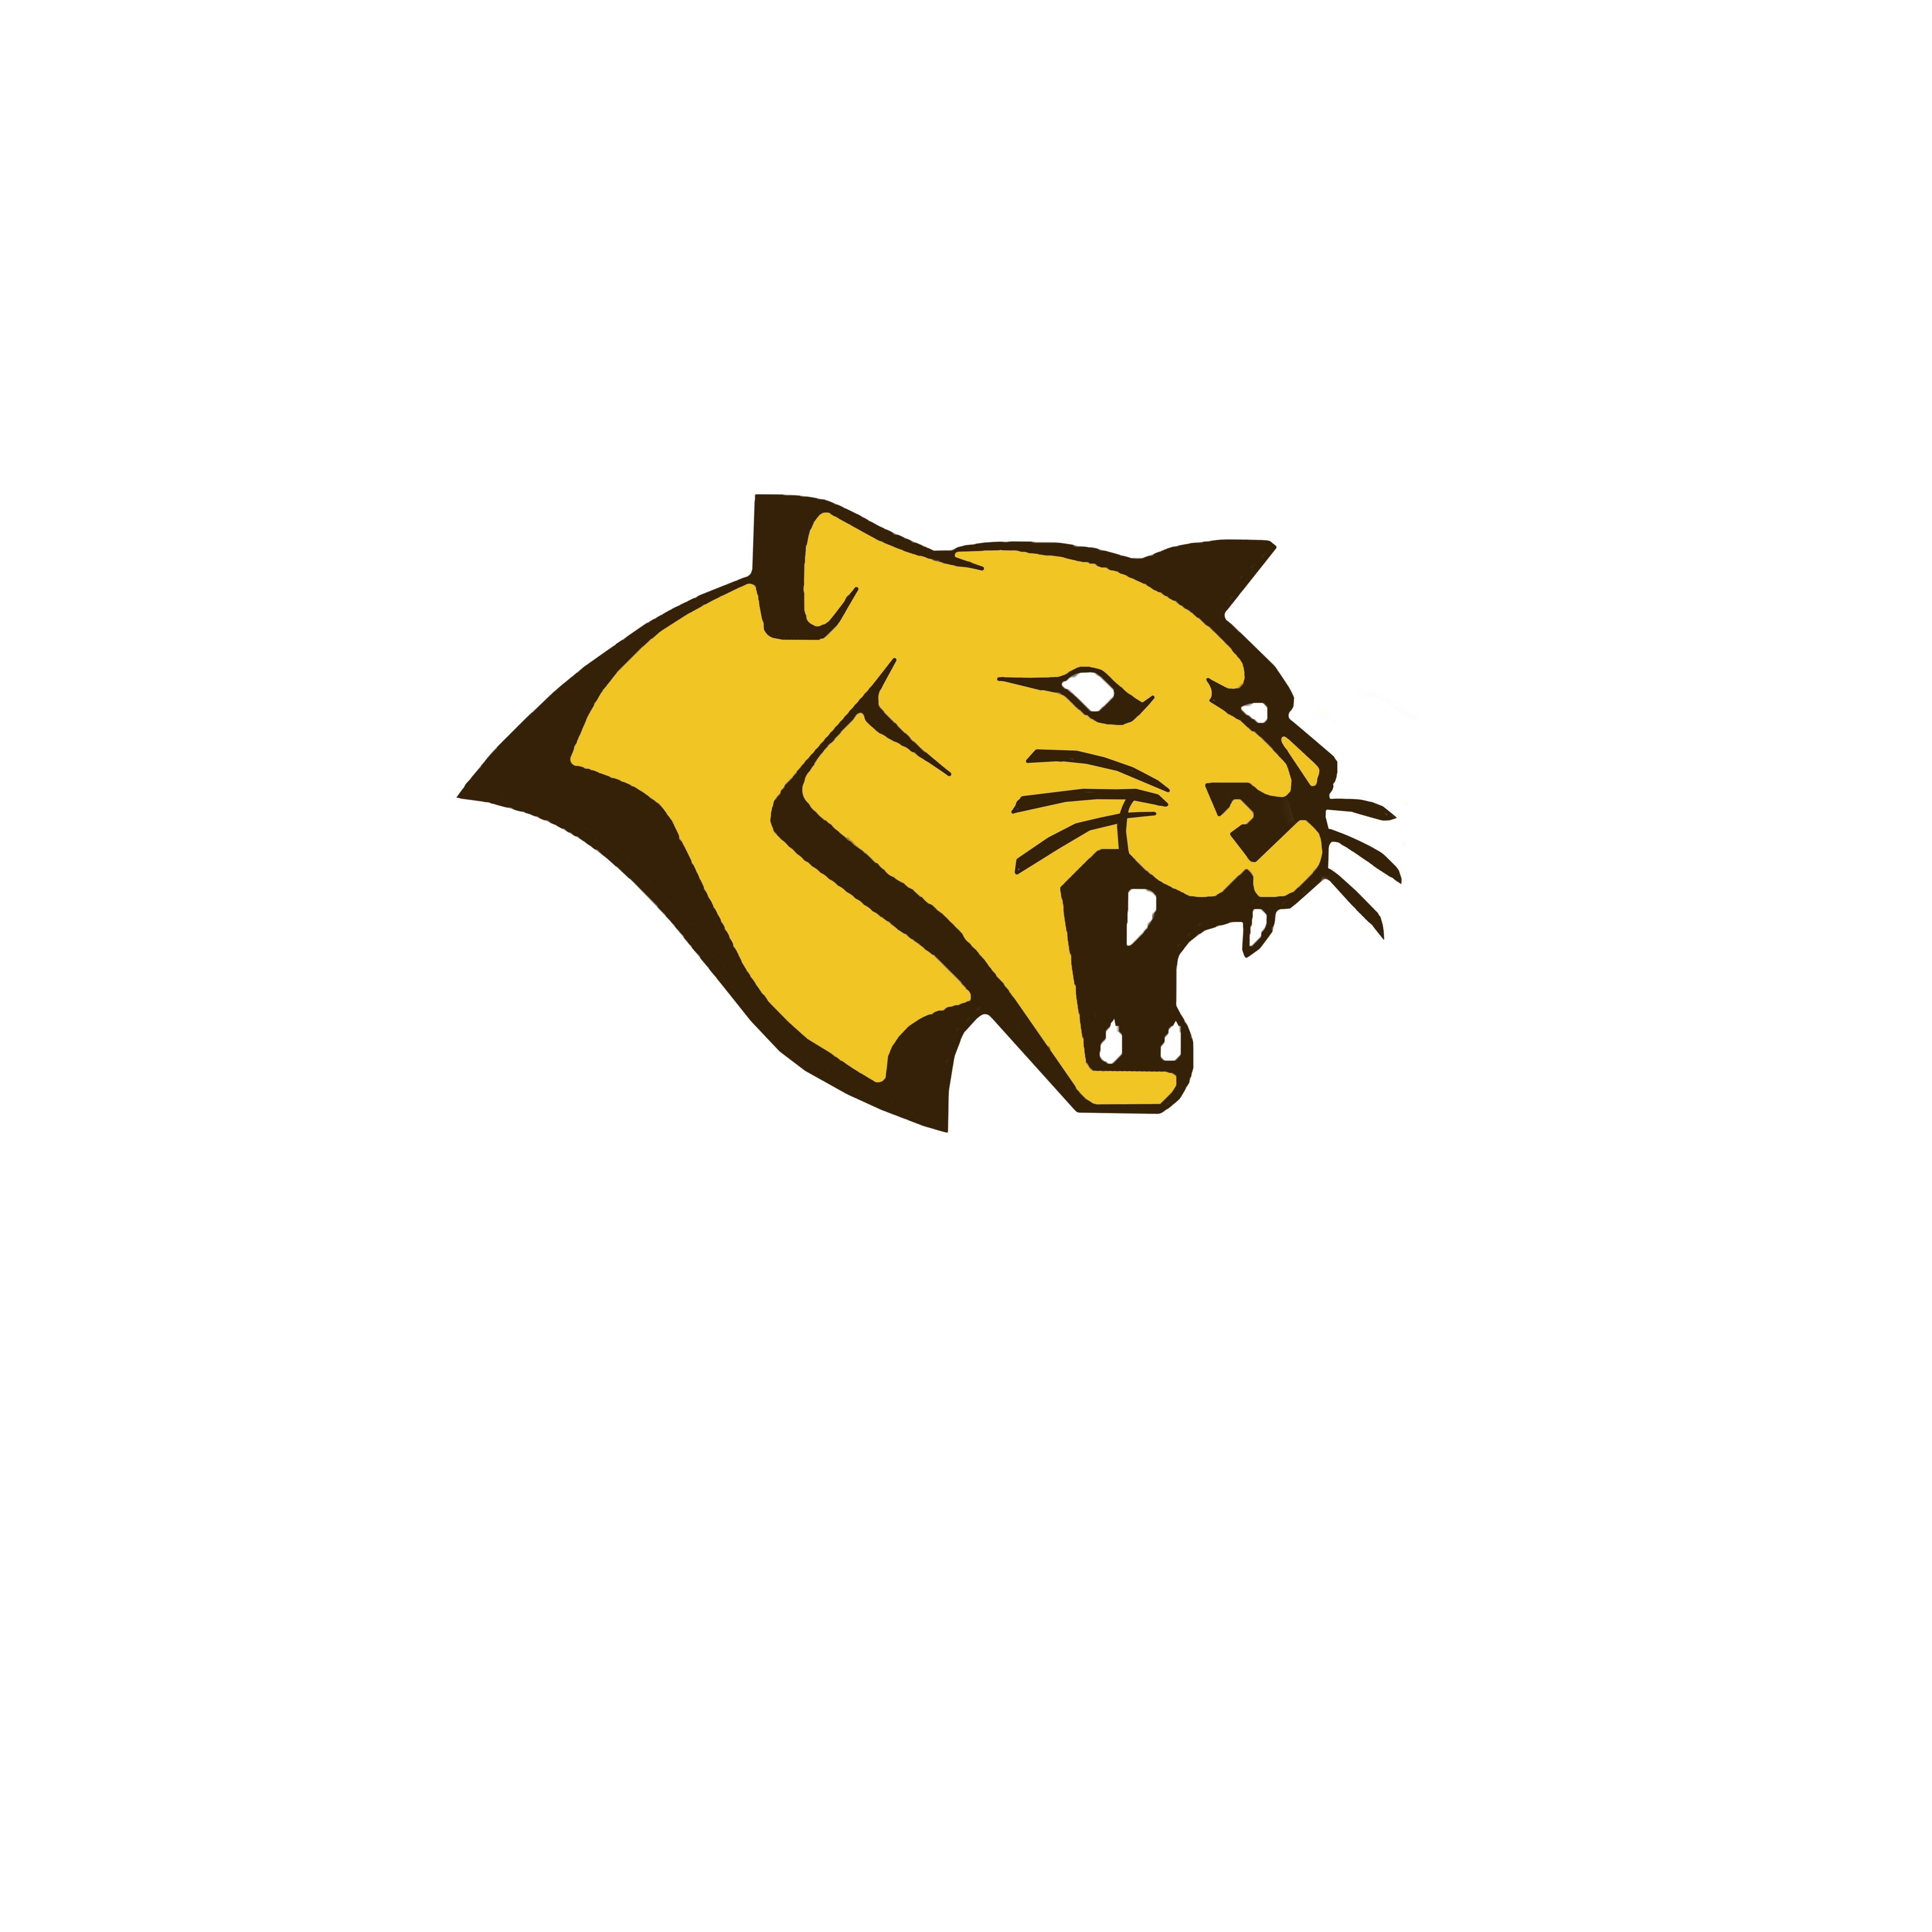 Cibola High School (Varsity)'s logo